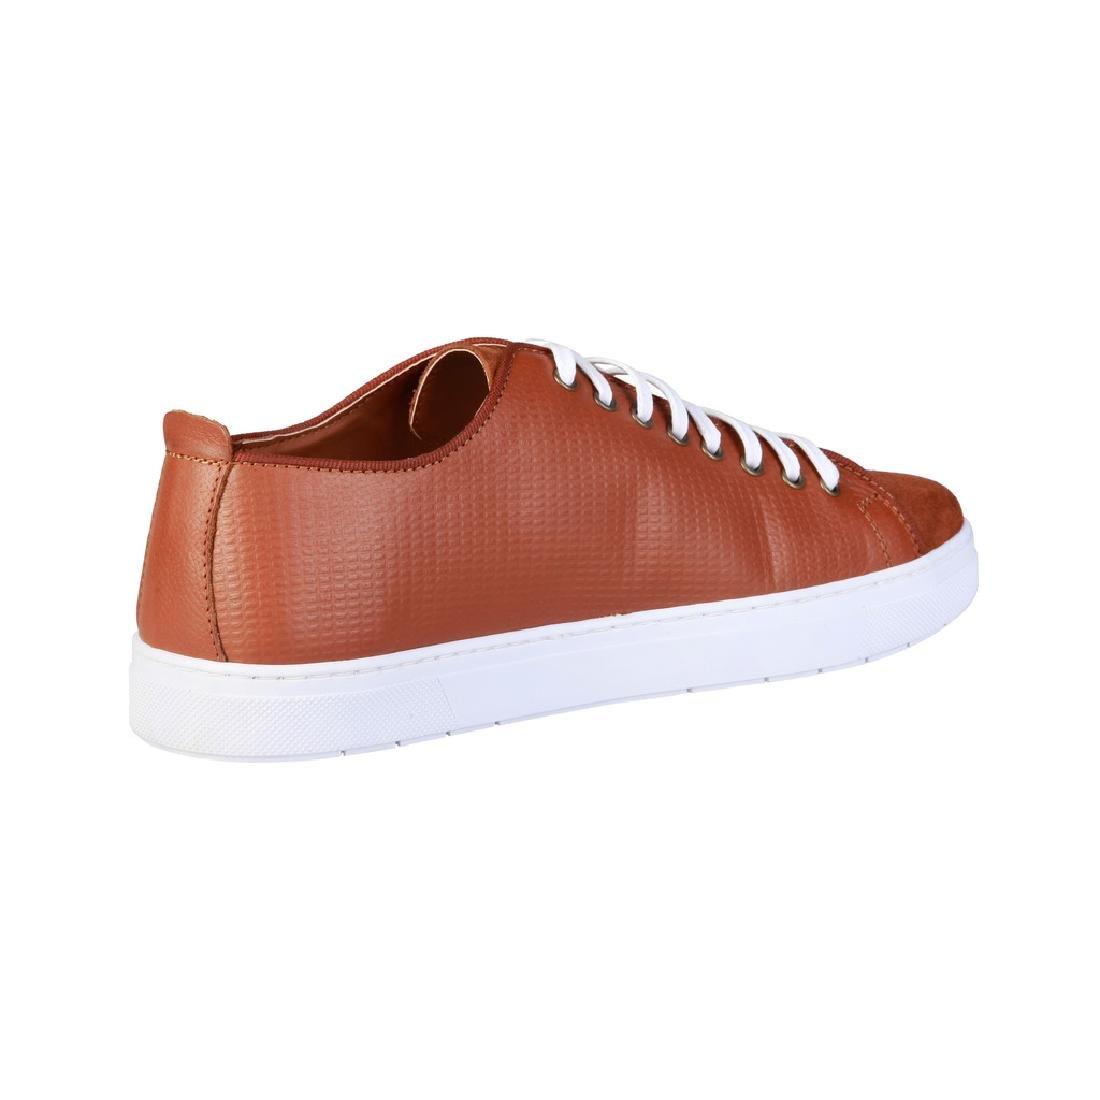 Men's Pierre Cardin Sneakers Shoes US 13 - 3